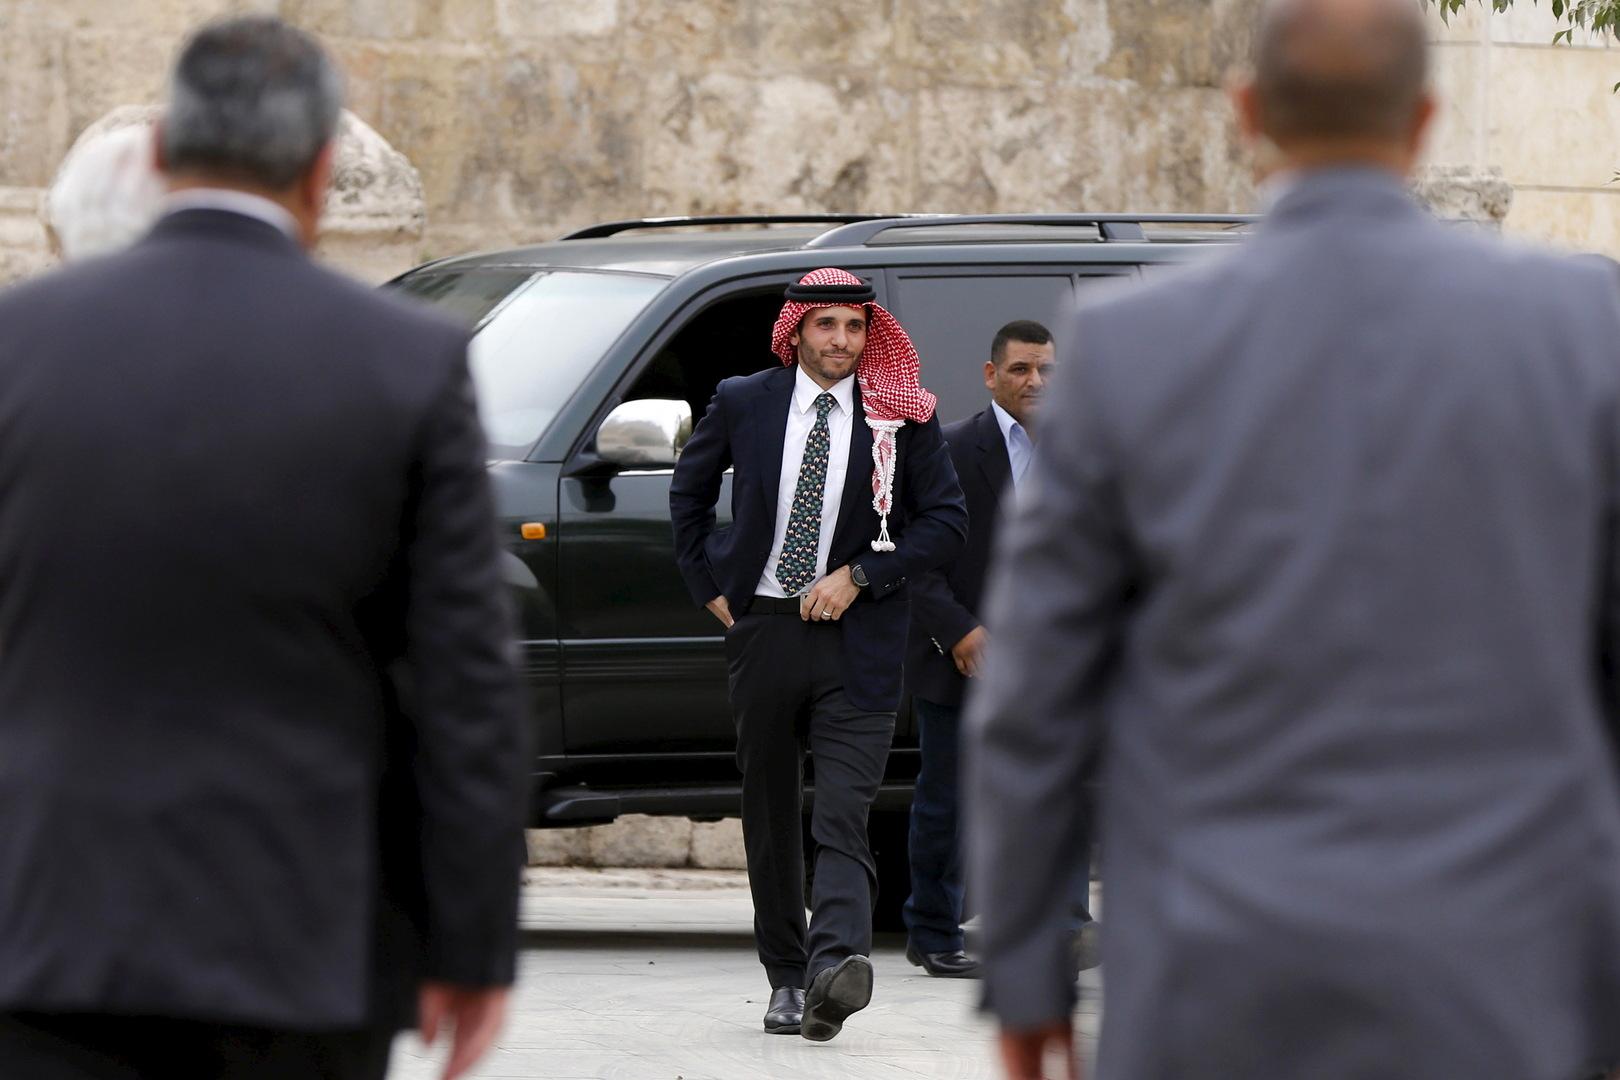 نائب رئيس الوزراء الأردني: الأمير حمزة وشخصيات أخرى متورطة في المؤامرة سيحالون إلى محكمة أمن الدولة